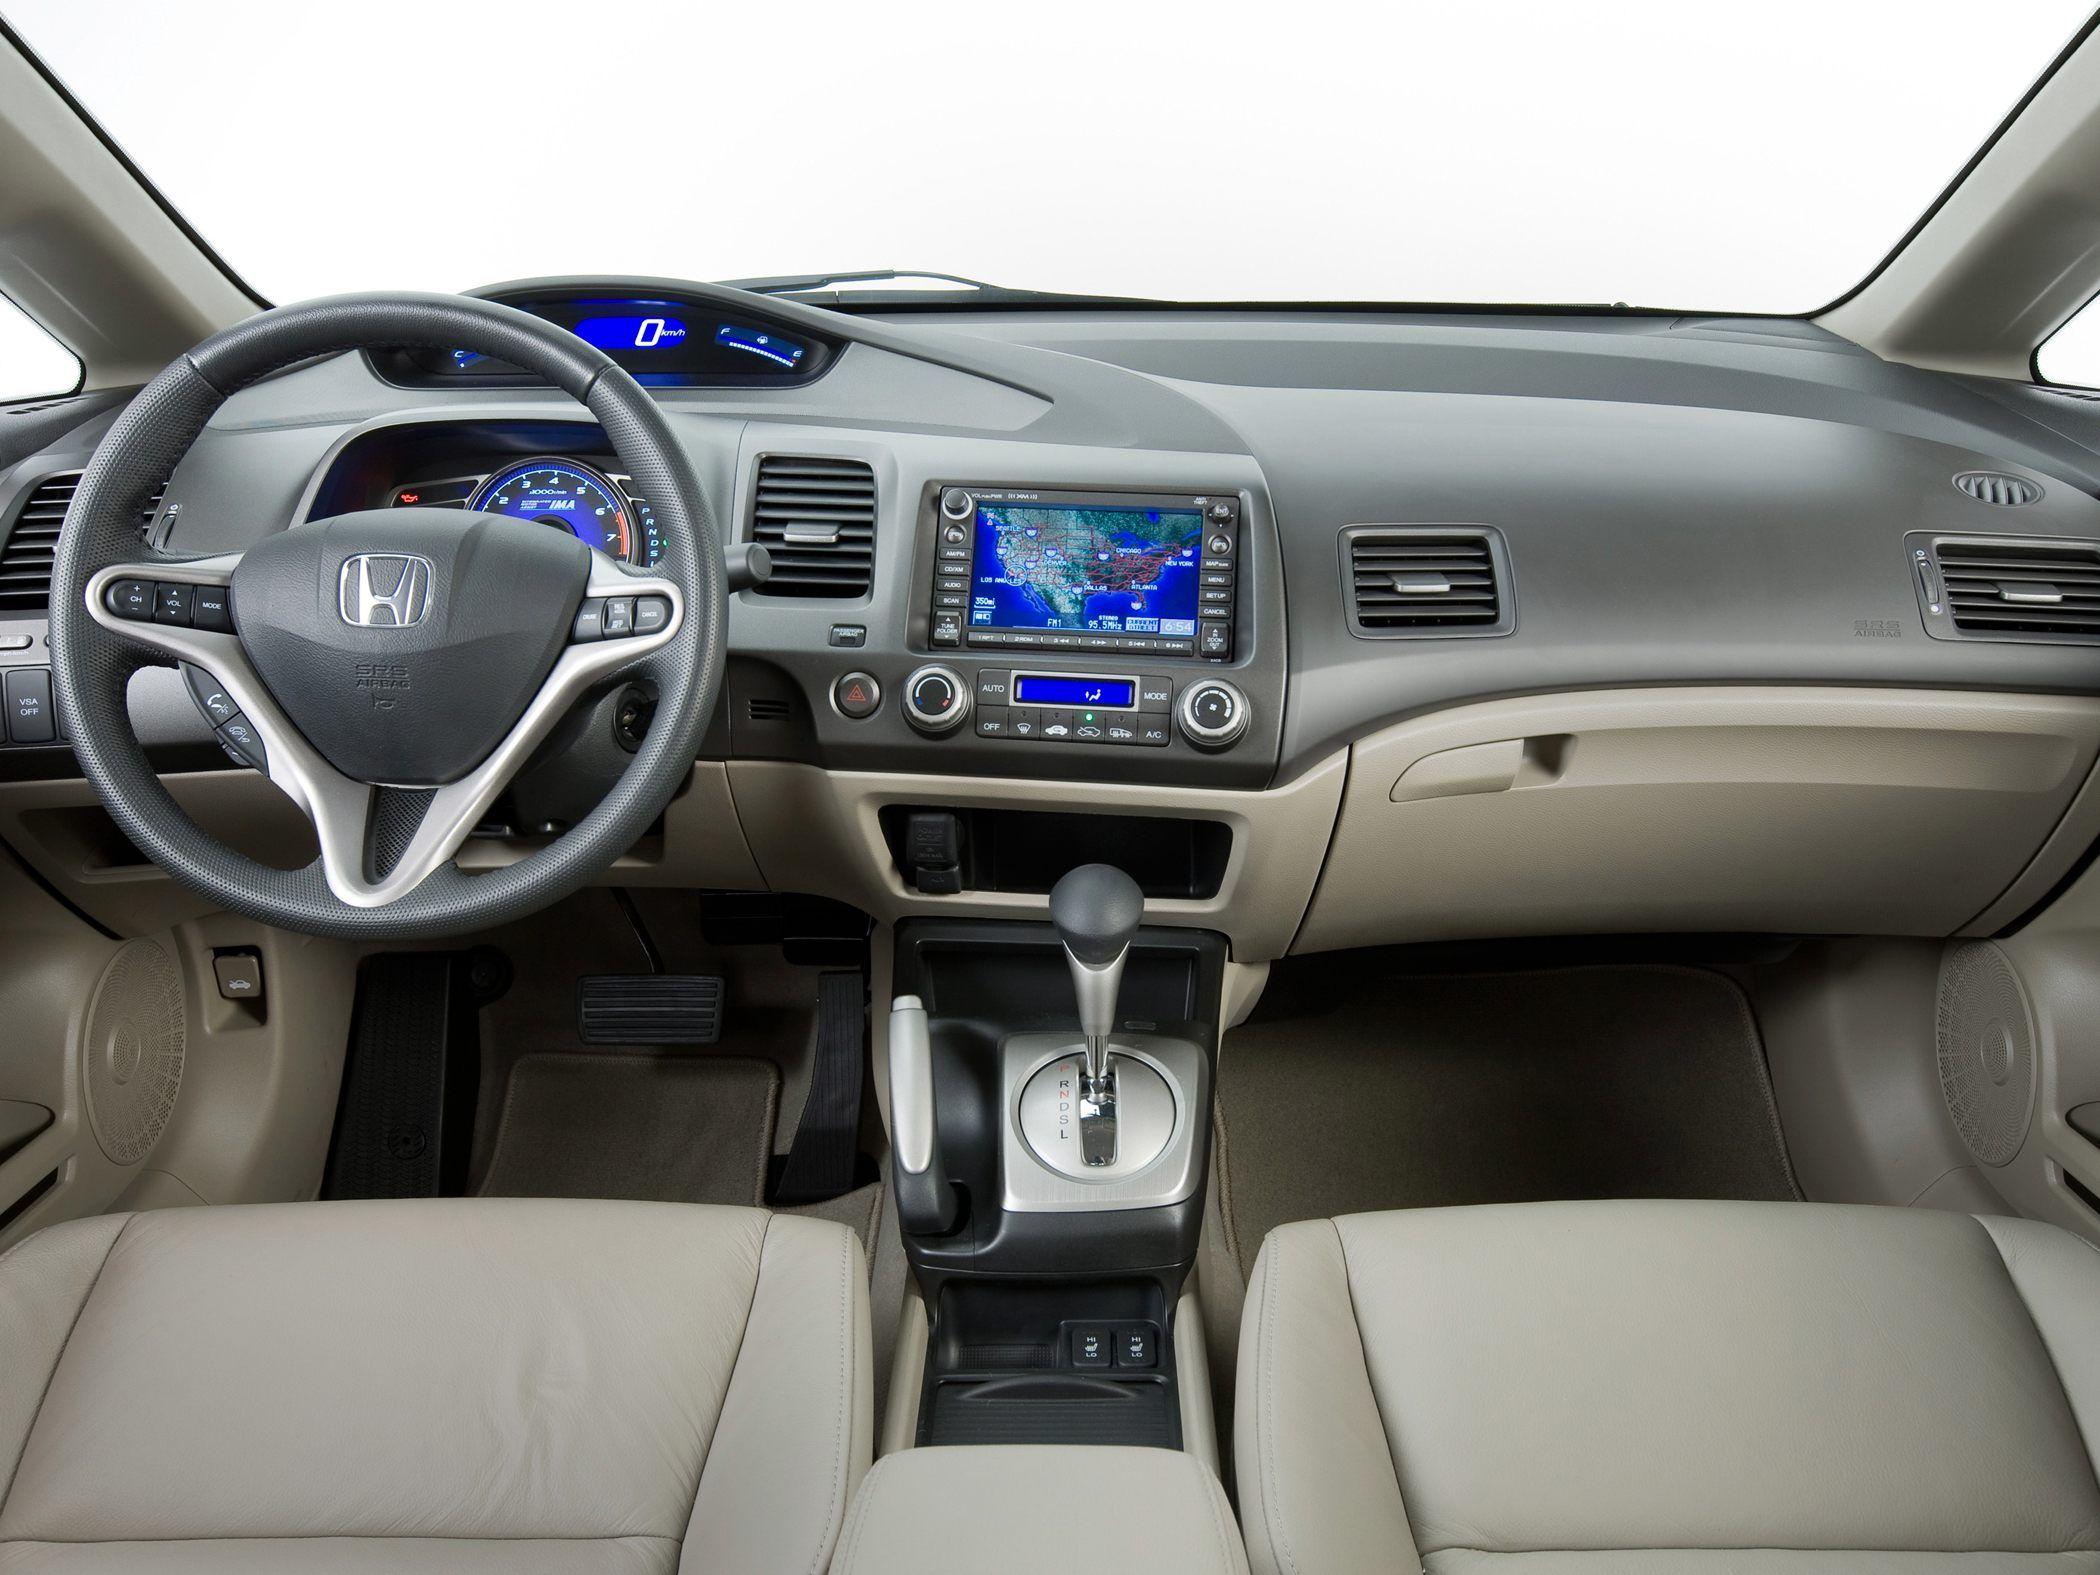 2010 Honda Civic Hybrid >> Honda Civic Hybrid Honda Honda Civic Sedan 2010 Honda